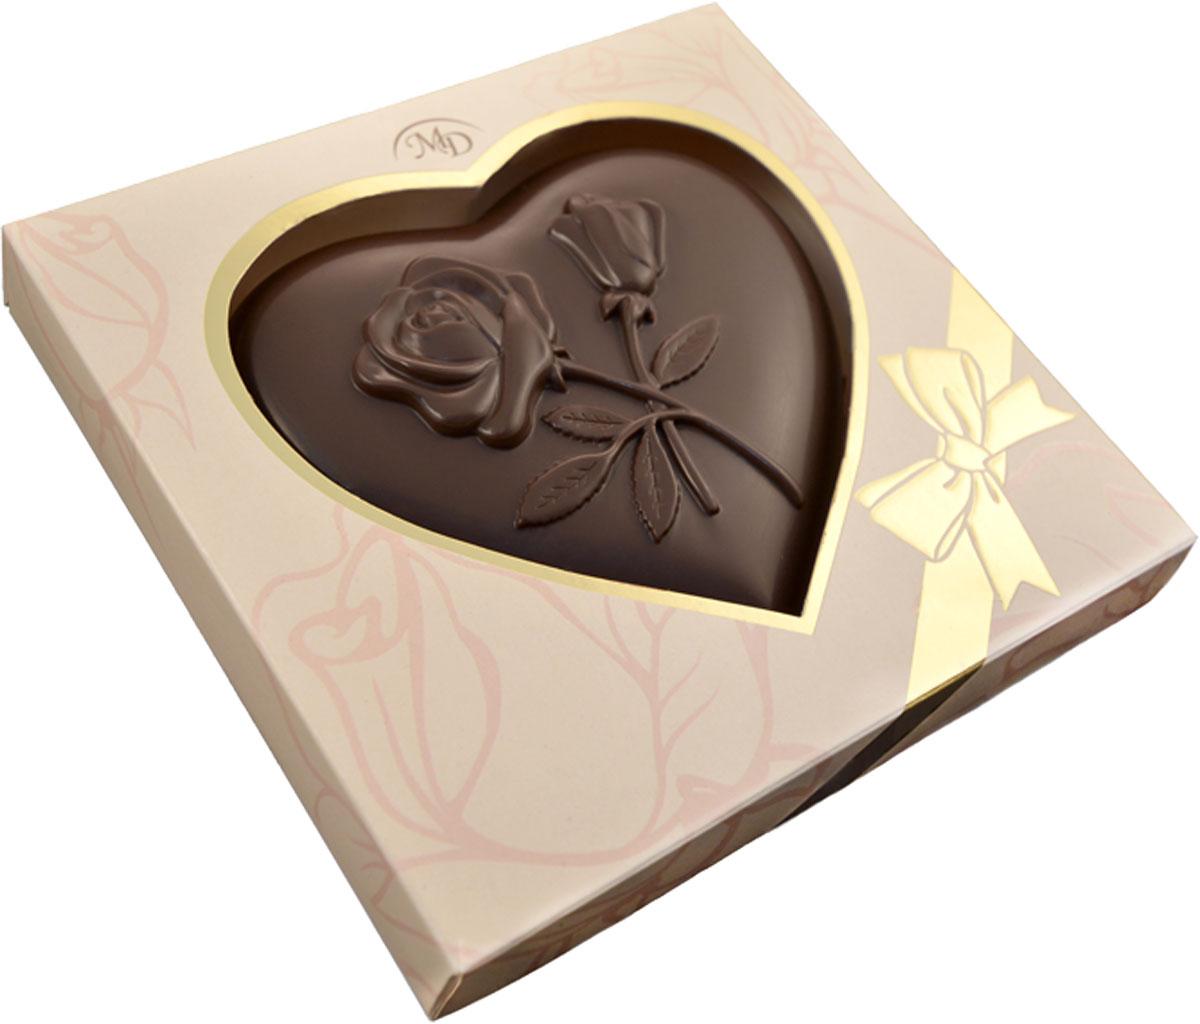 Монетный двор Сердце шоколадная фигура, 100 г3406Шоколадная фигура Сердце изготовлено по рецепту натурального классического шоколада на основе какао-масла. Шоколад, из которого сделана фигурка — исключительно высшего качества и был приготовлен по правильной технологии. Чтобы все полезные свойства сохранились и в конечном продукте — то есть шоколадной фигурке, осуществляется тщательный контроль на всех этапах производства с применение развитых технологий. Такой шоколад обладает очень приятным вкусом. Символичный подарок для настоящих романтиков! Вручите это шоколадное сердце своей второй половине, приведя её (или его) в полный восторг.